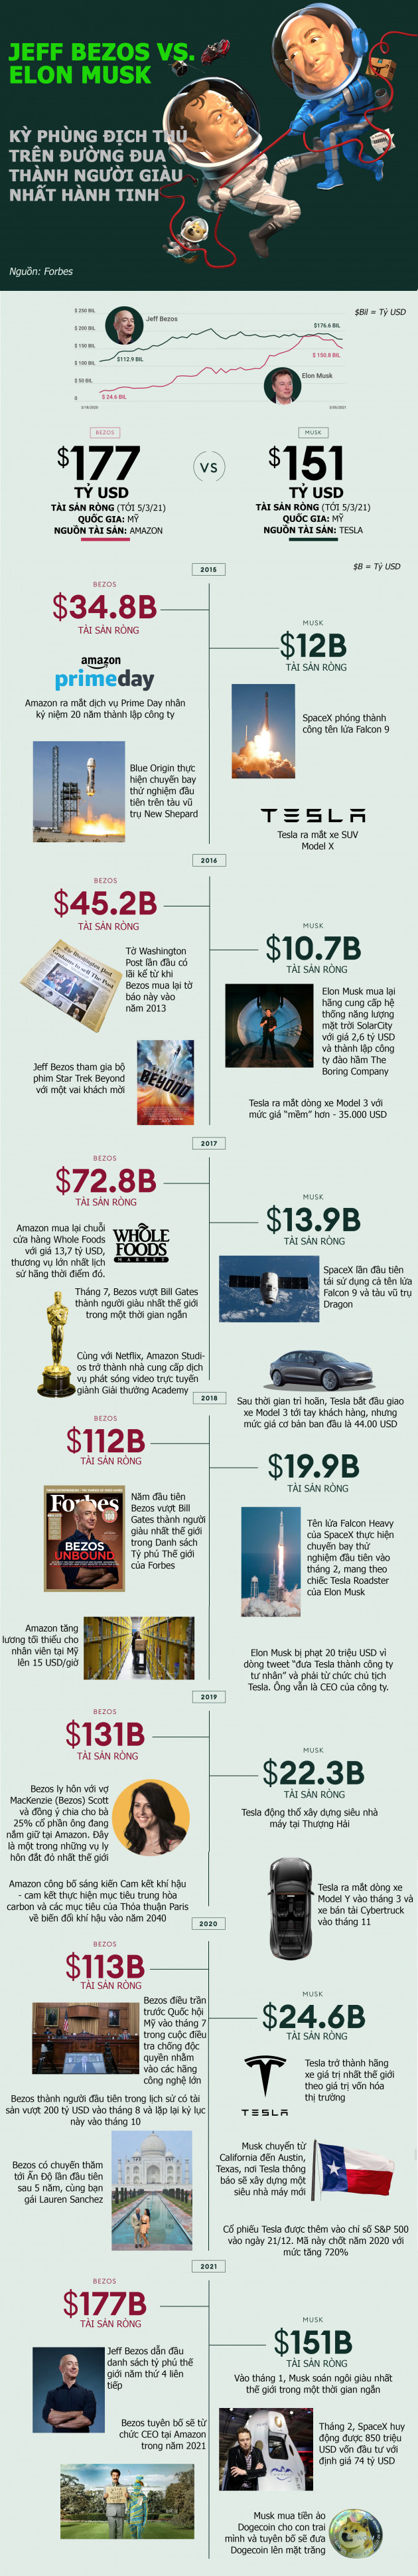 Jeff Bezos và Elon Musk đối đầu nhau thế nào trên đường đua tỷ phú?